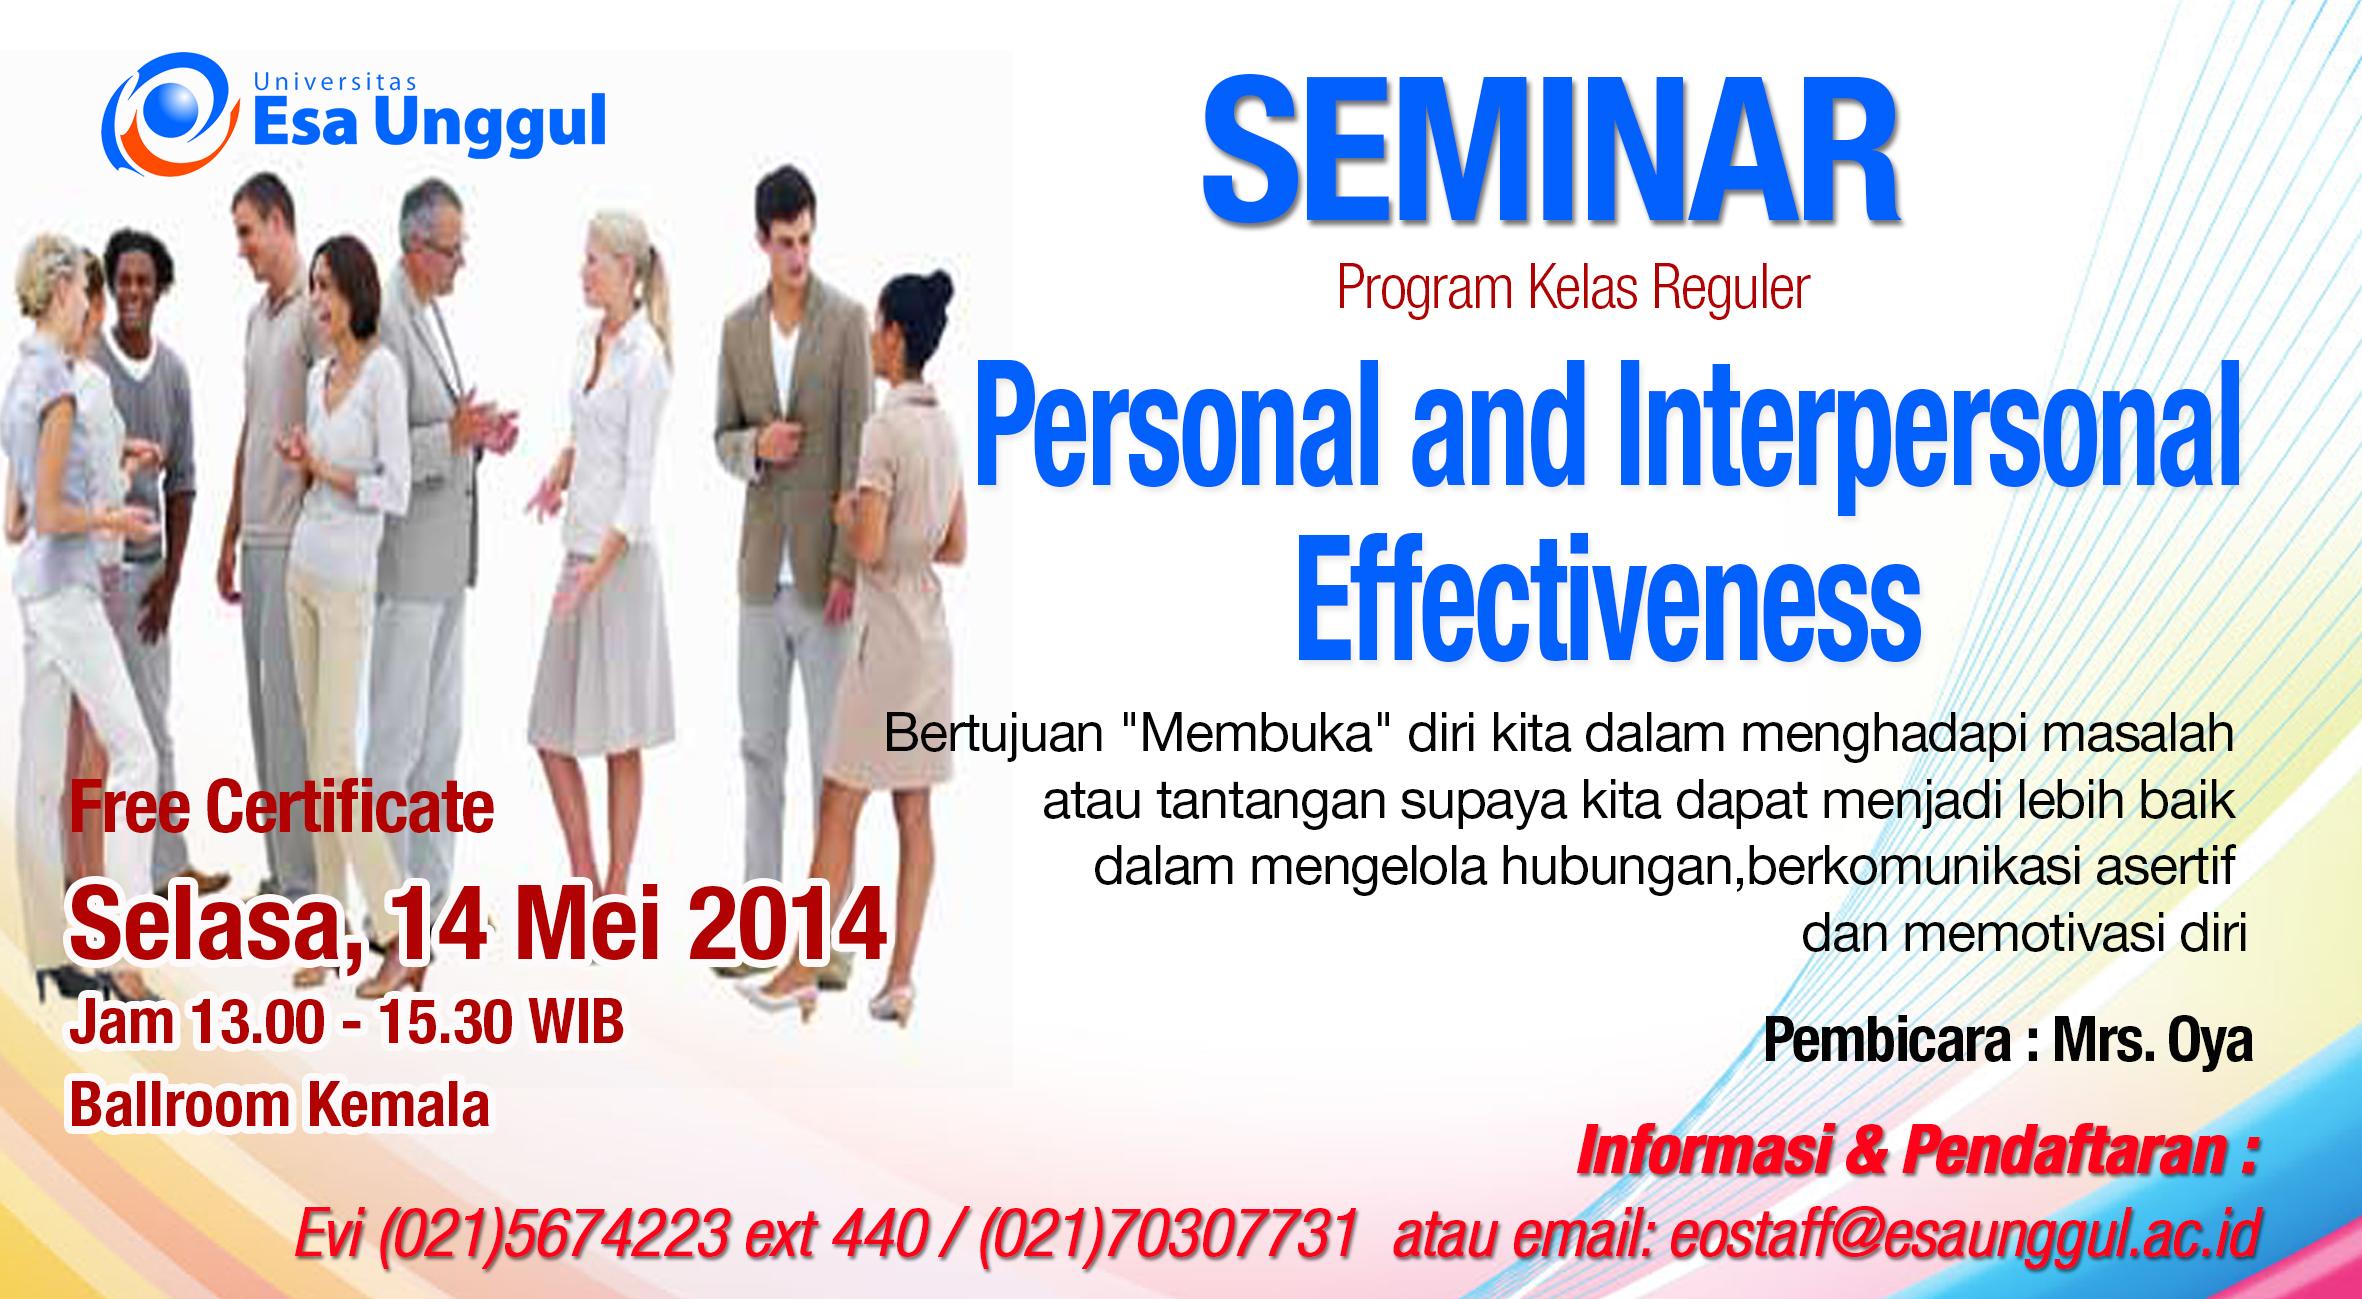 """Universitas Esa Unggul menyelenggarakan Seminar """" Personal and Interpersonal Effectiveness  """" pada Rabu, 14 Mei 2014"""